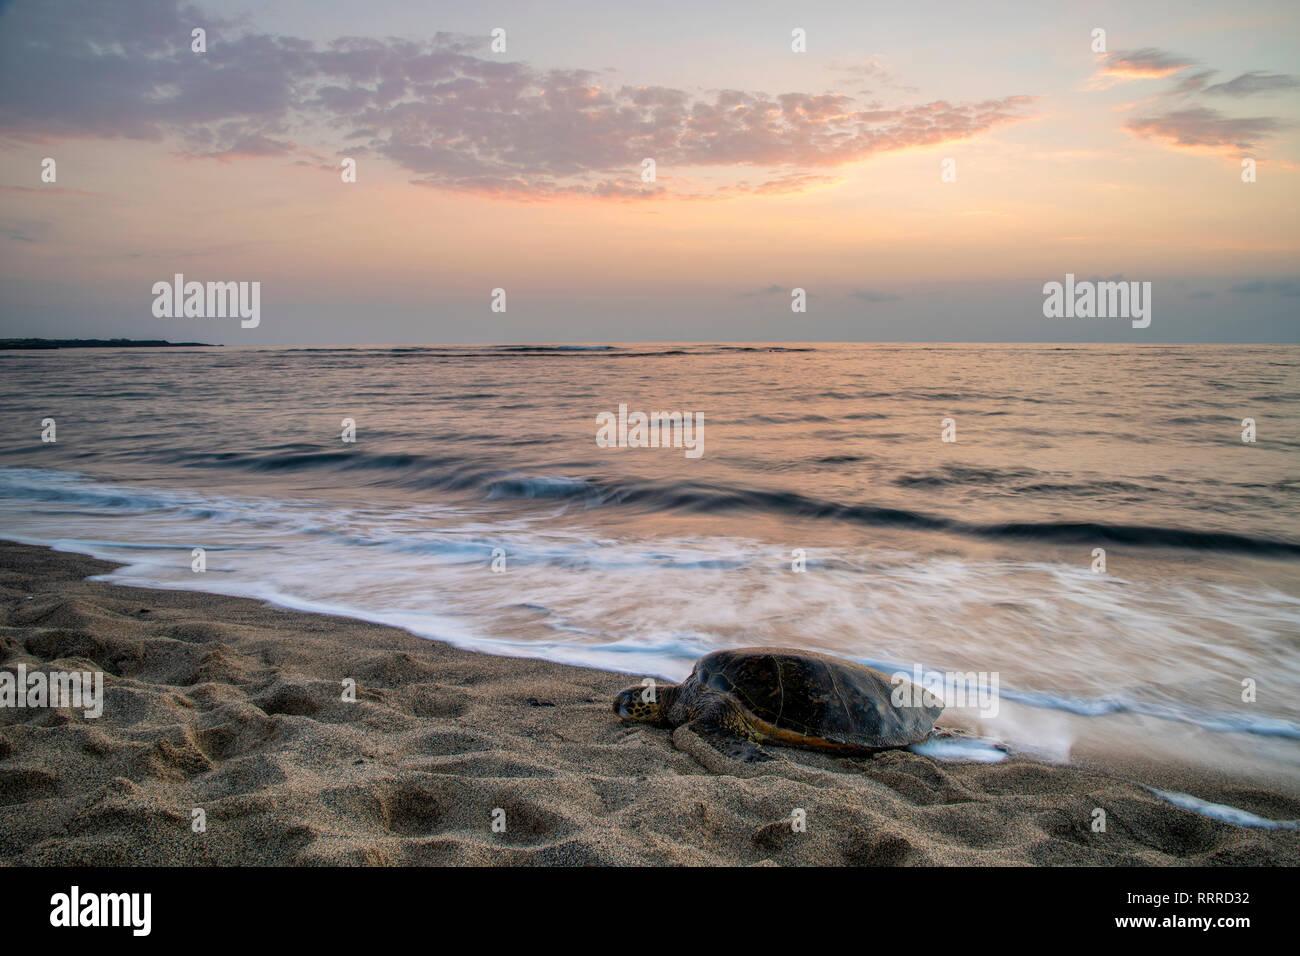 Pacífico Sur, Estados Unidos, Hawaii, Hawaii, Isla, Isla Grande, en Kona, Kaloko-Honokohau, tortuga de mar verde en la playa Foto de stock